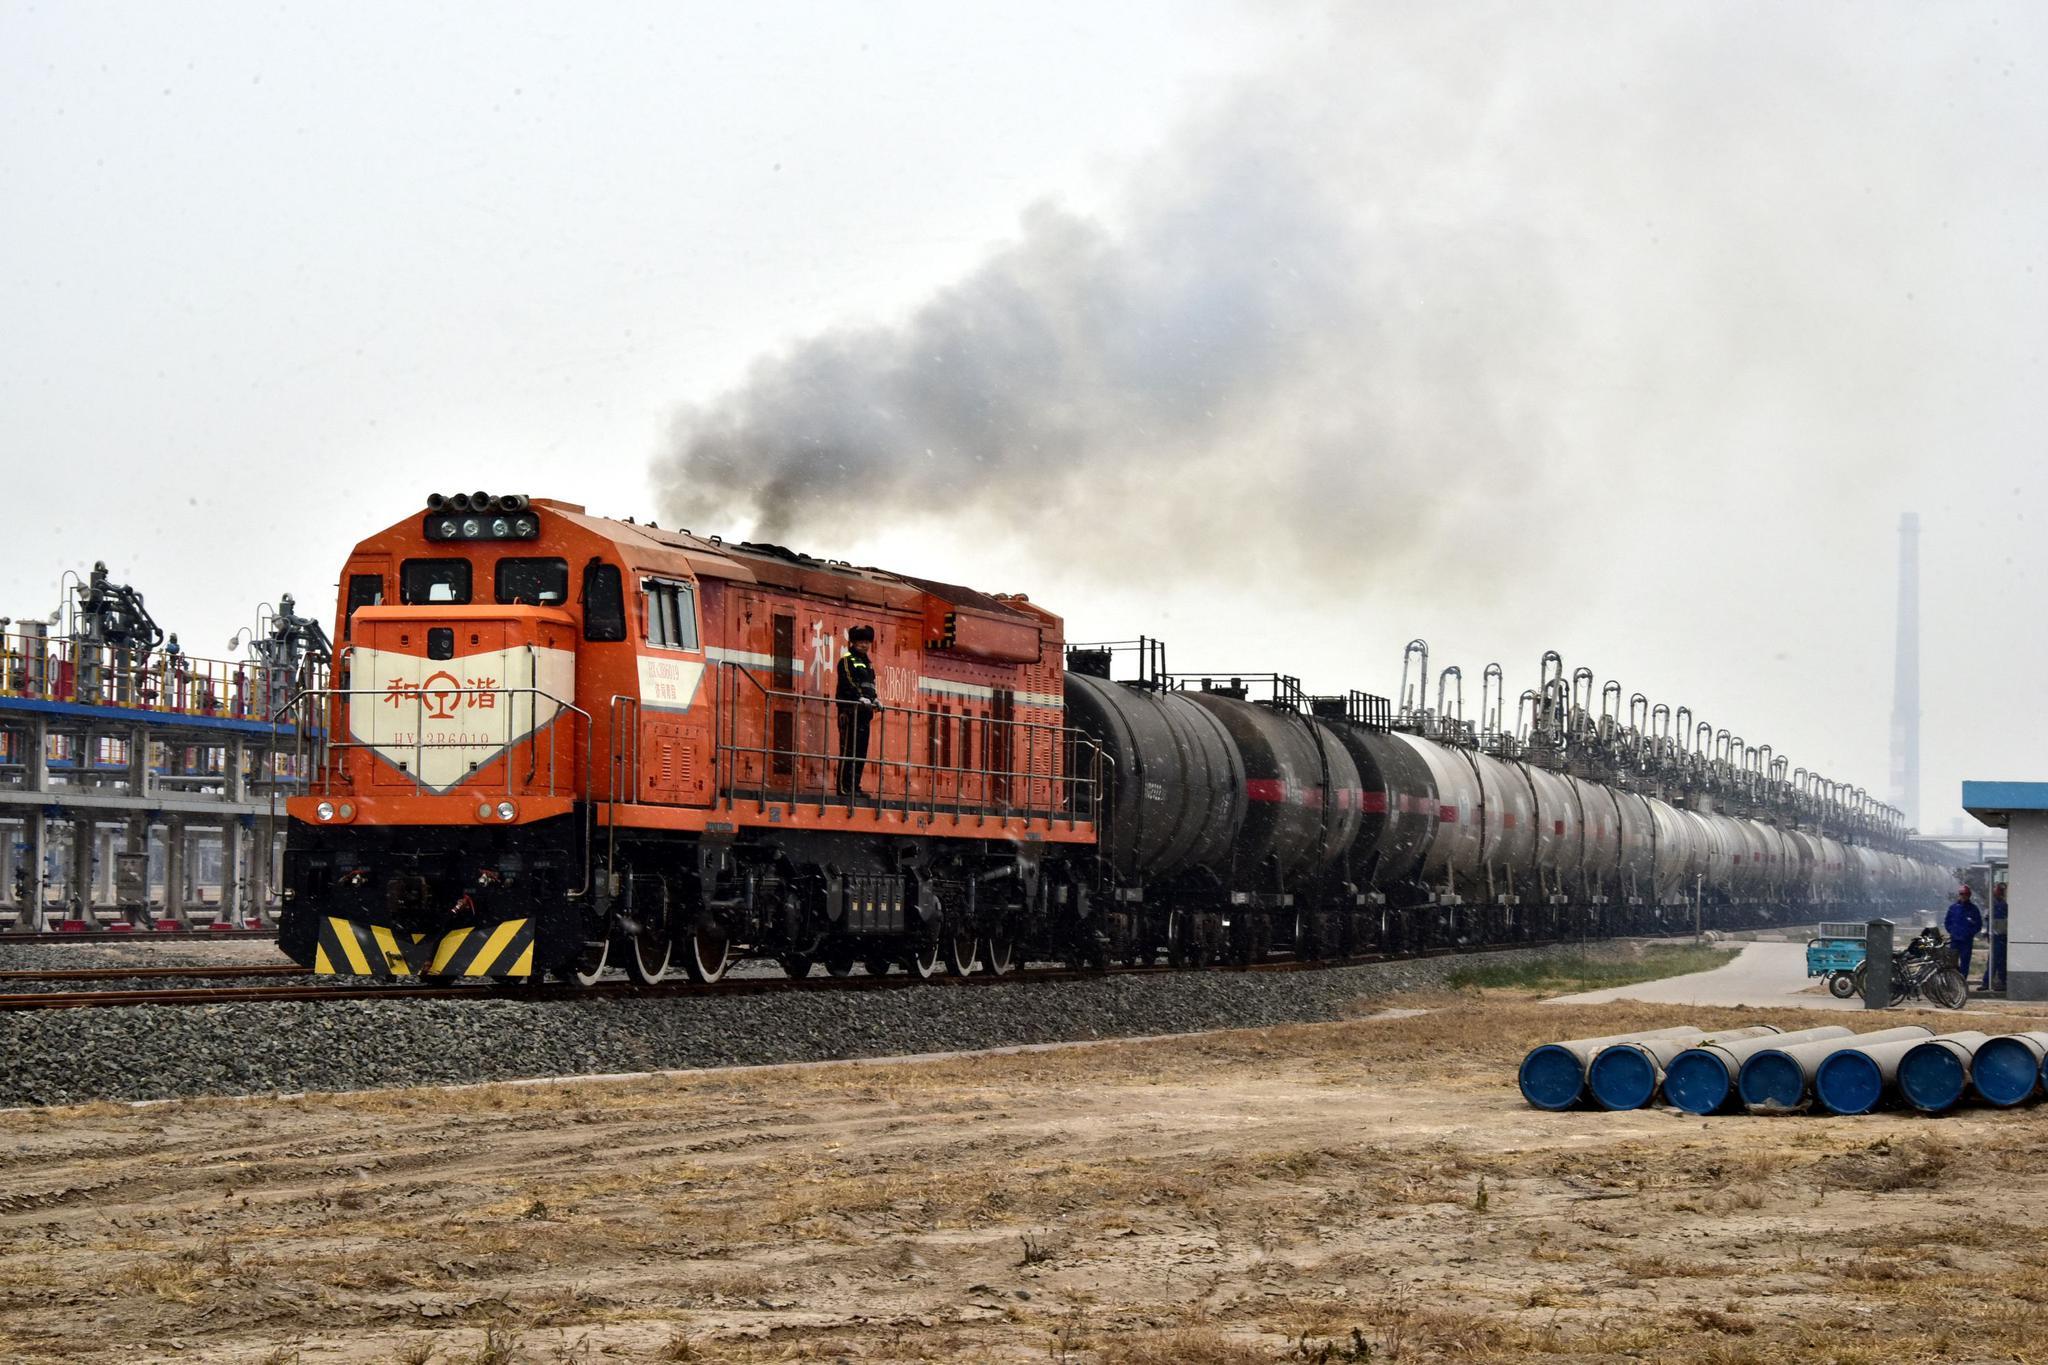 京津冀治霾力推交通运输结构调整 公转铁成主攻方向